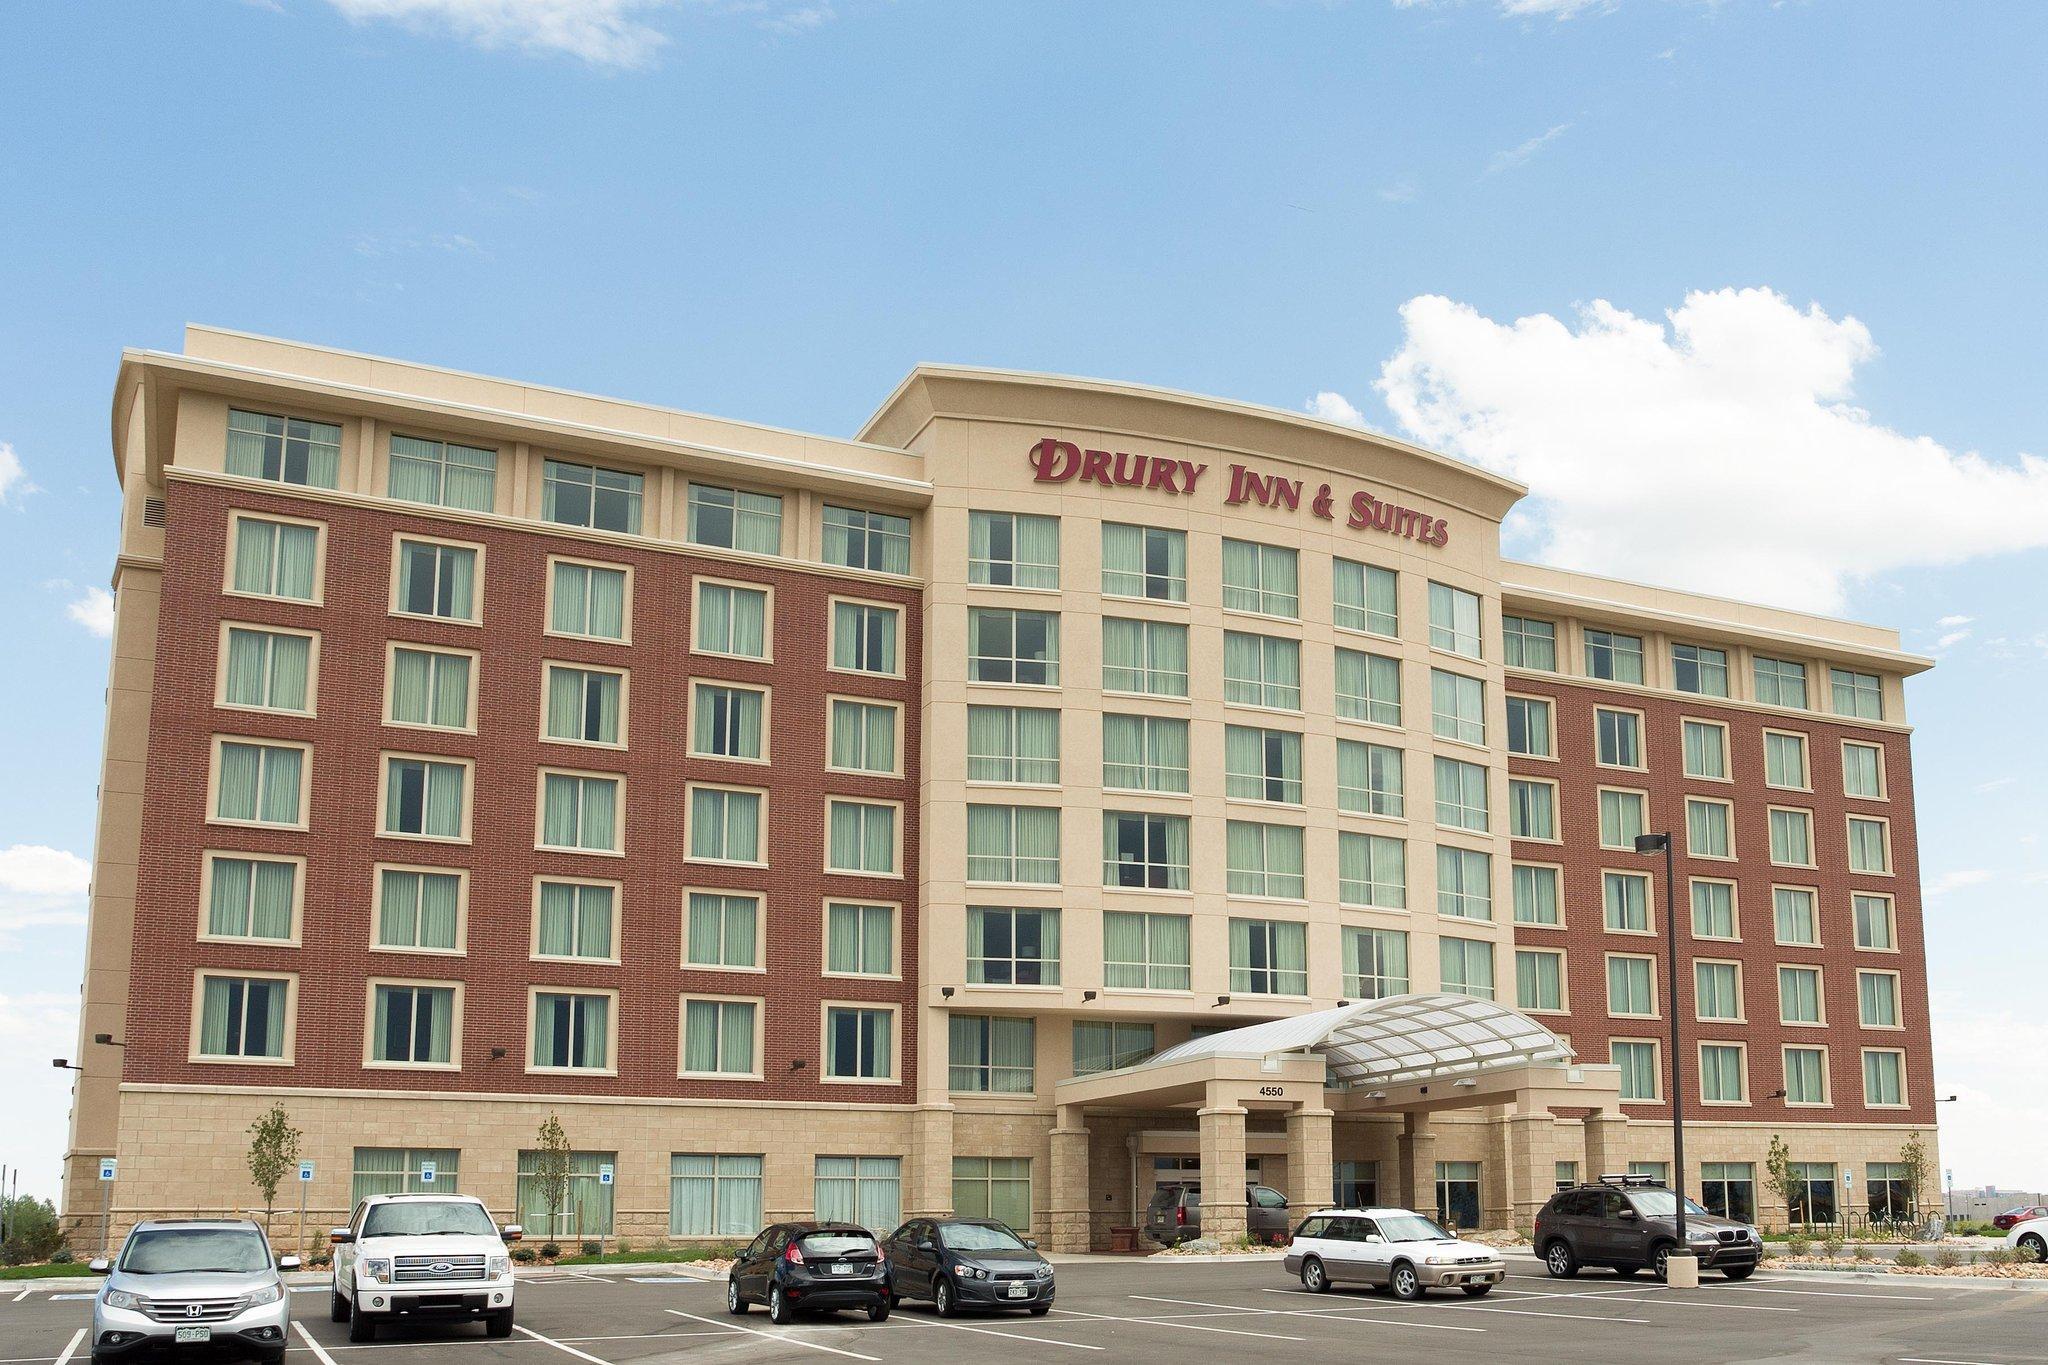 Drury Inn and Suites Denver Central Park